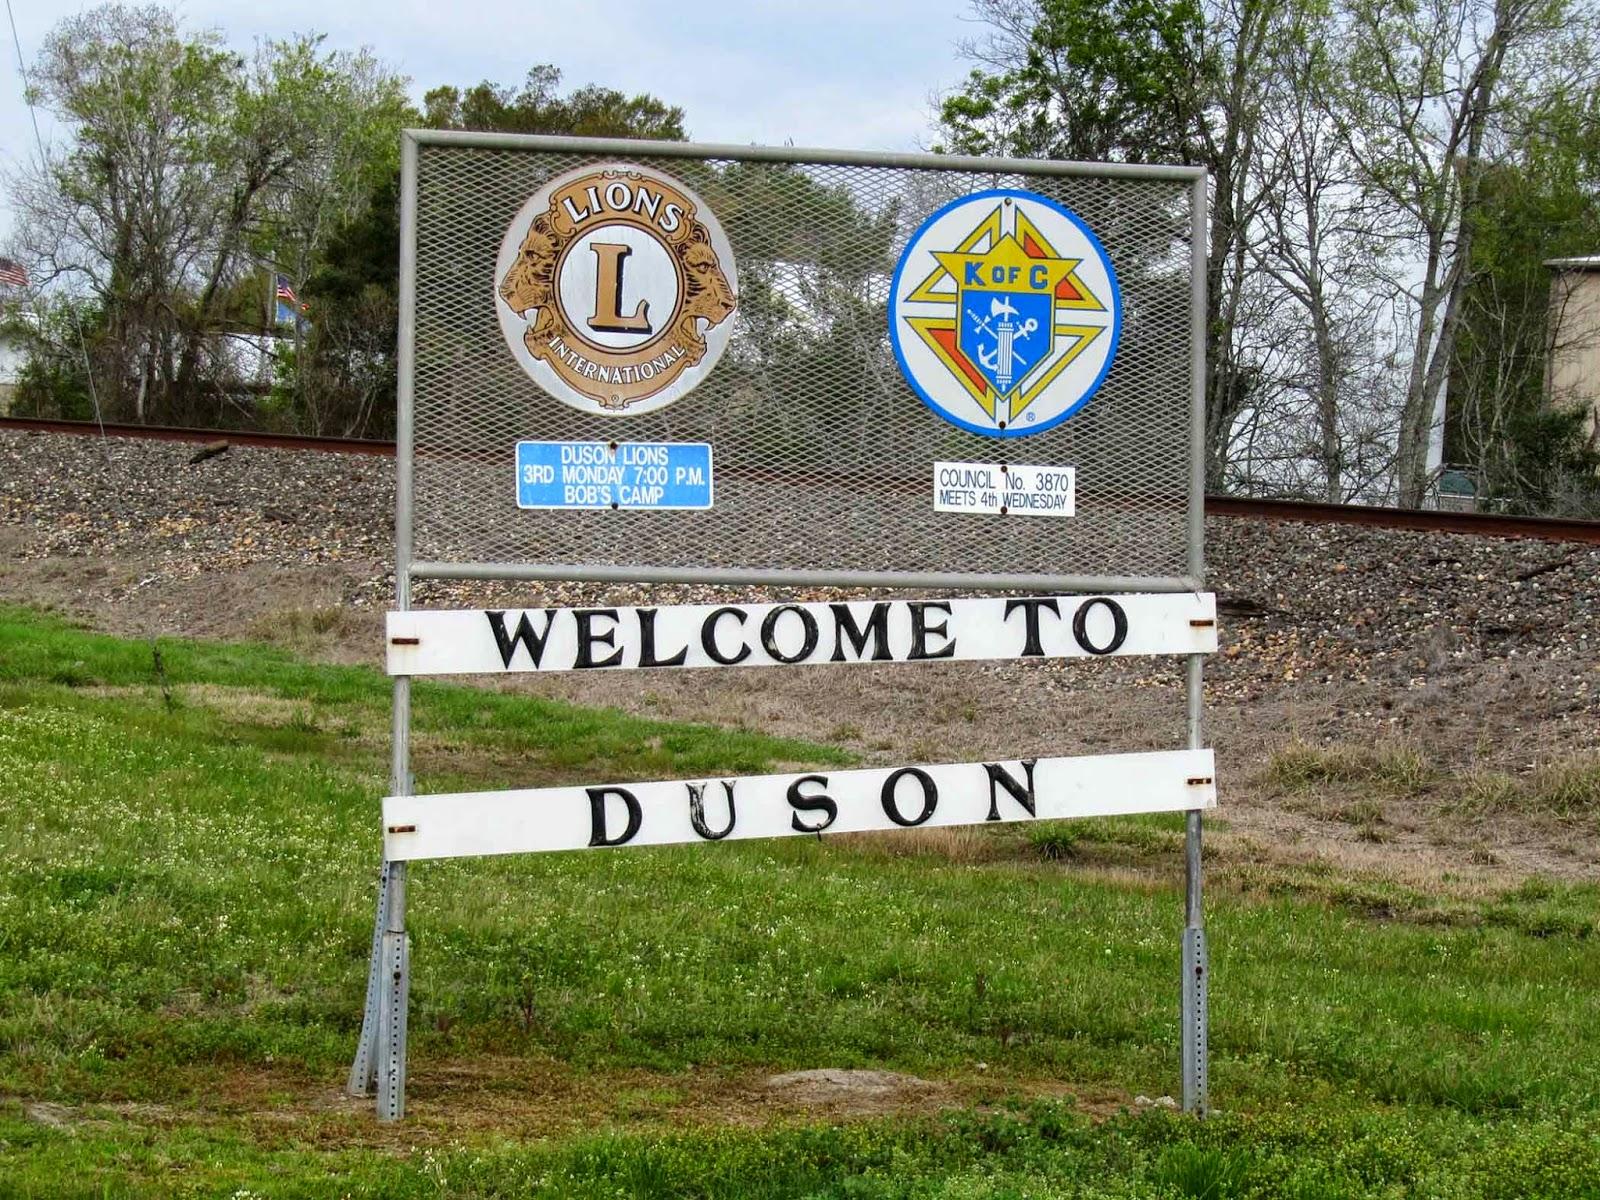 Duson Louisiana fonte: 4.bp.blogspot.com